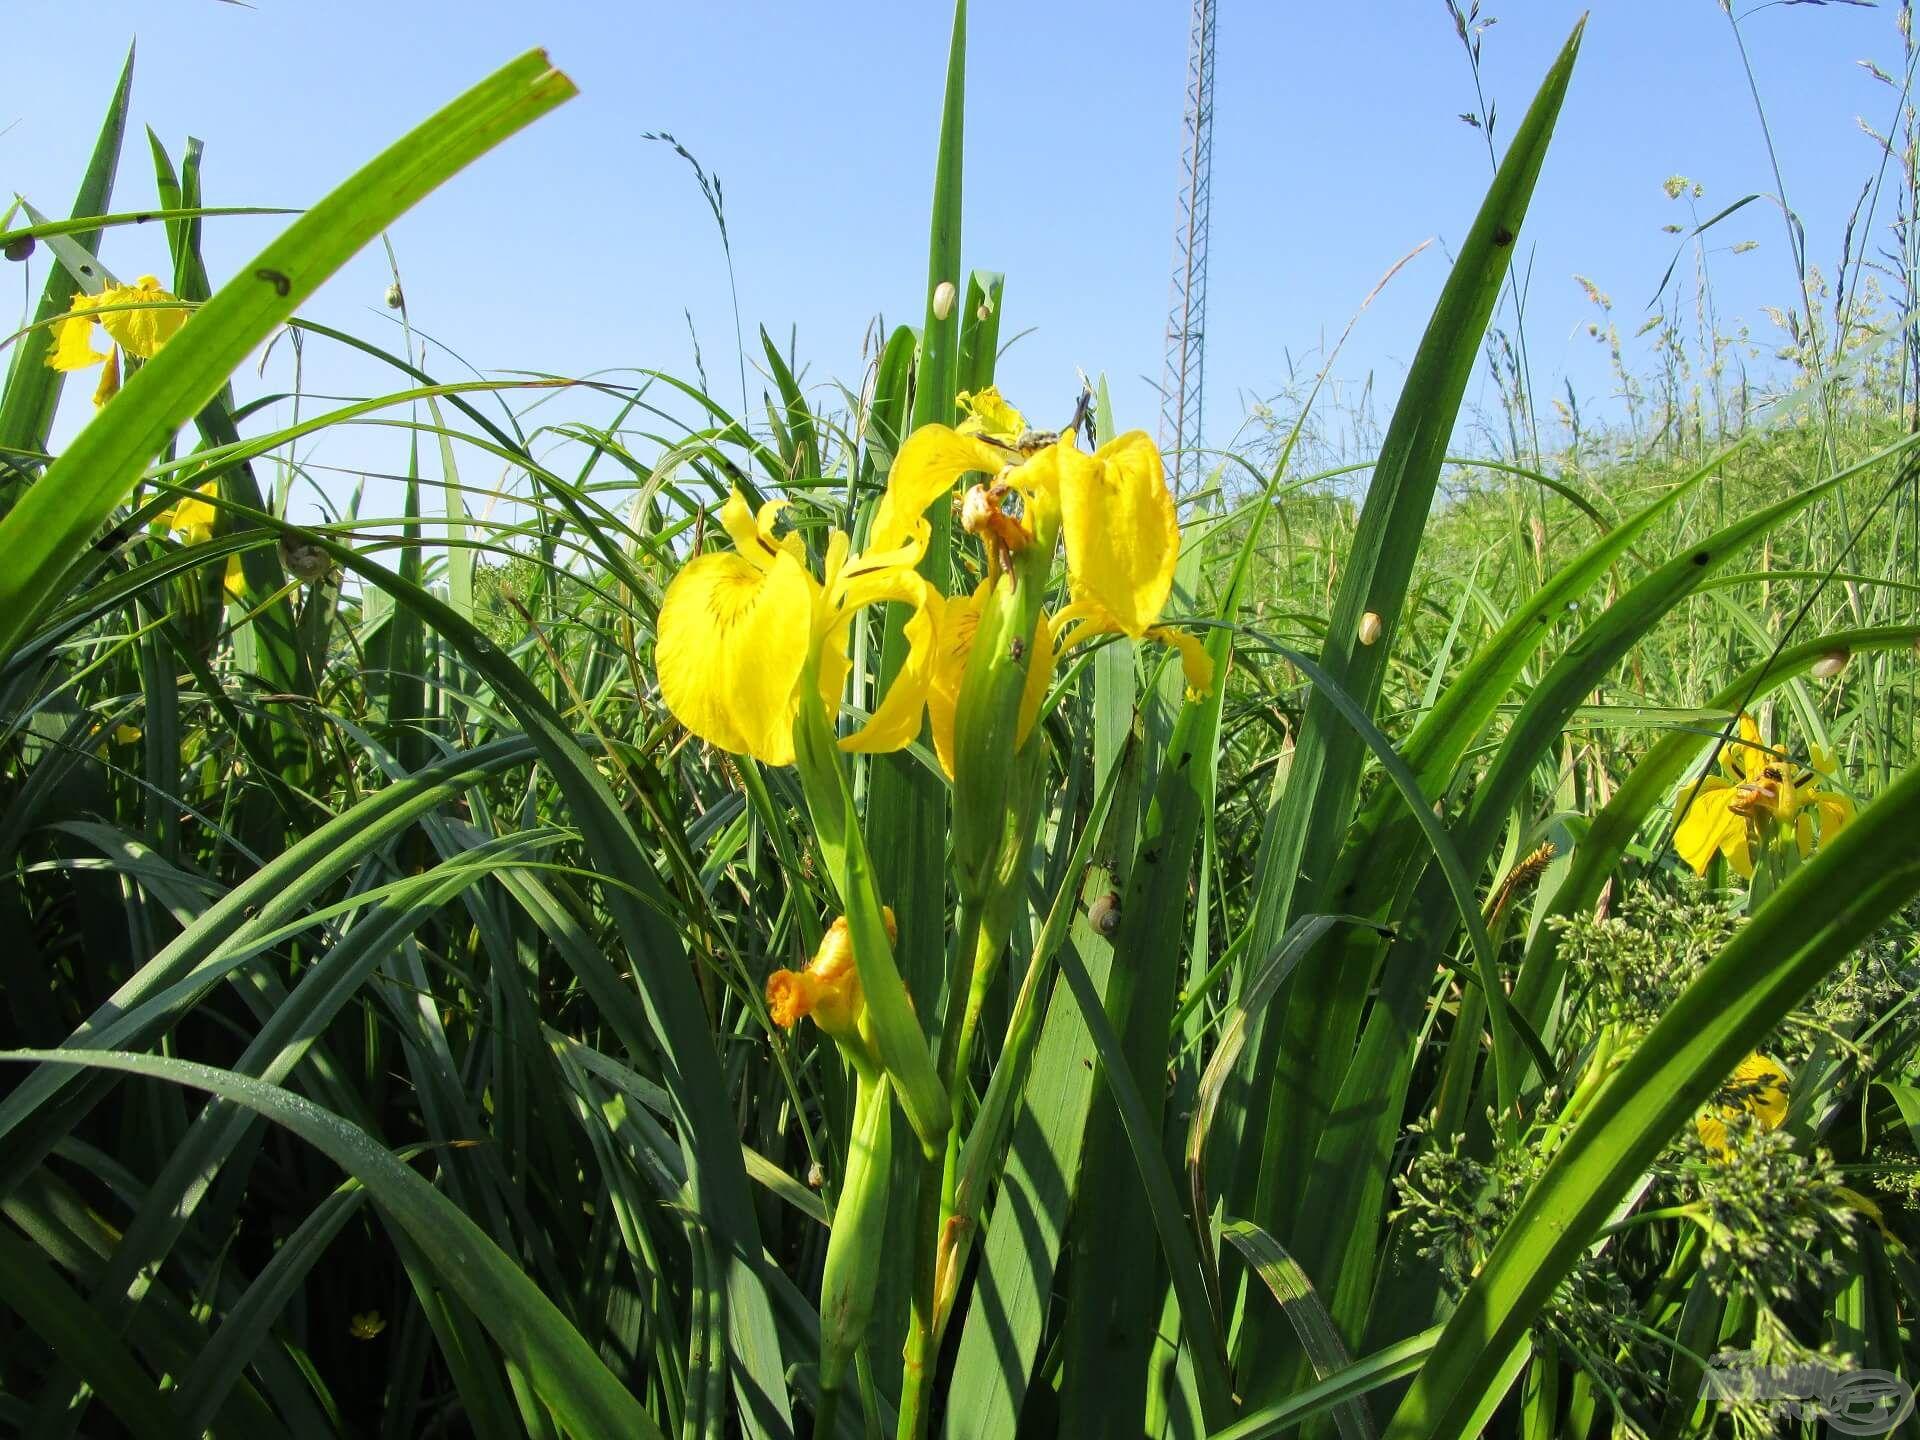 A mocsári nőszirom korábban nyílik, ha tavasszal jó idő van. Azt persze nem bántam, hogy ilyen szép, sárga virágok társaságában horgásztam!